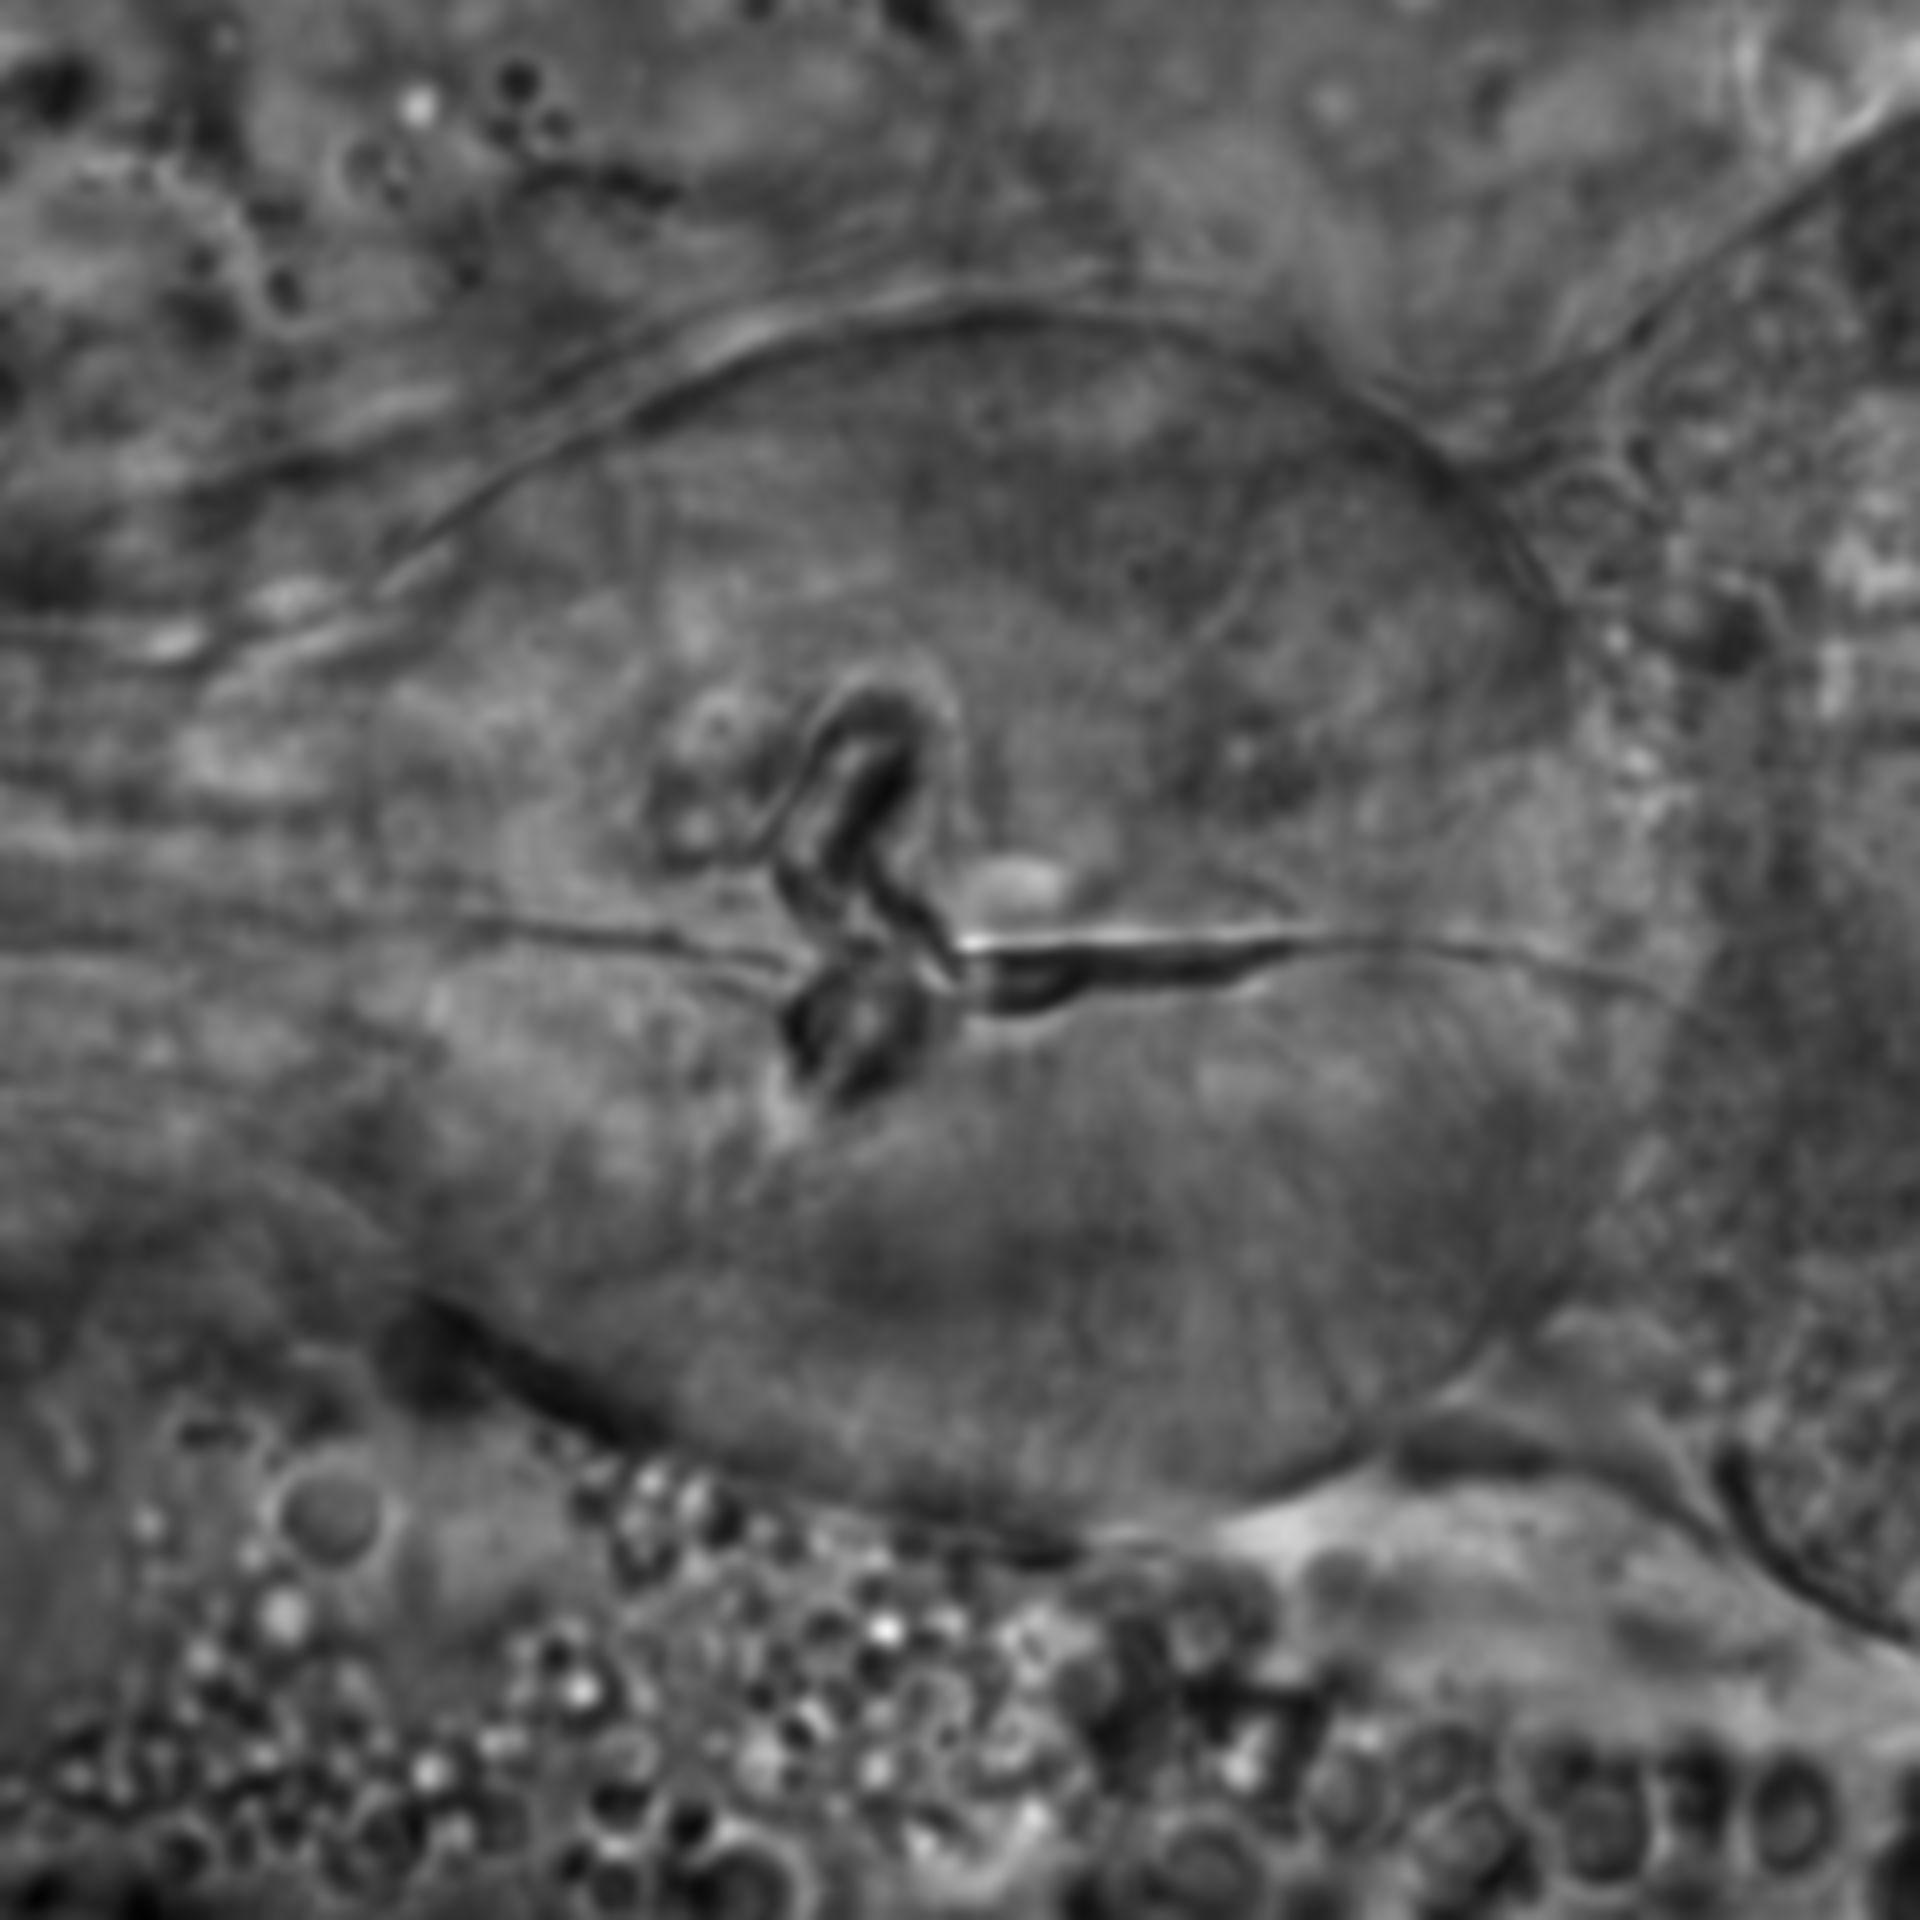 Caenorhabditis elegans - CIL:1741